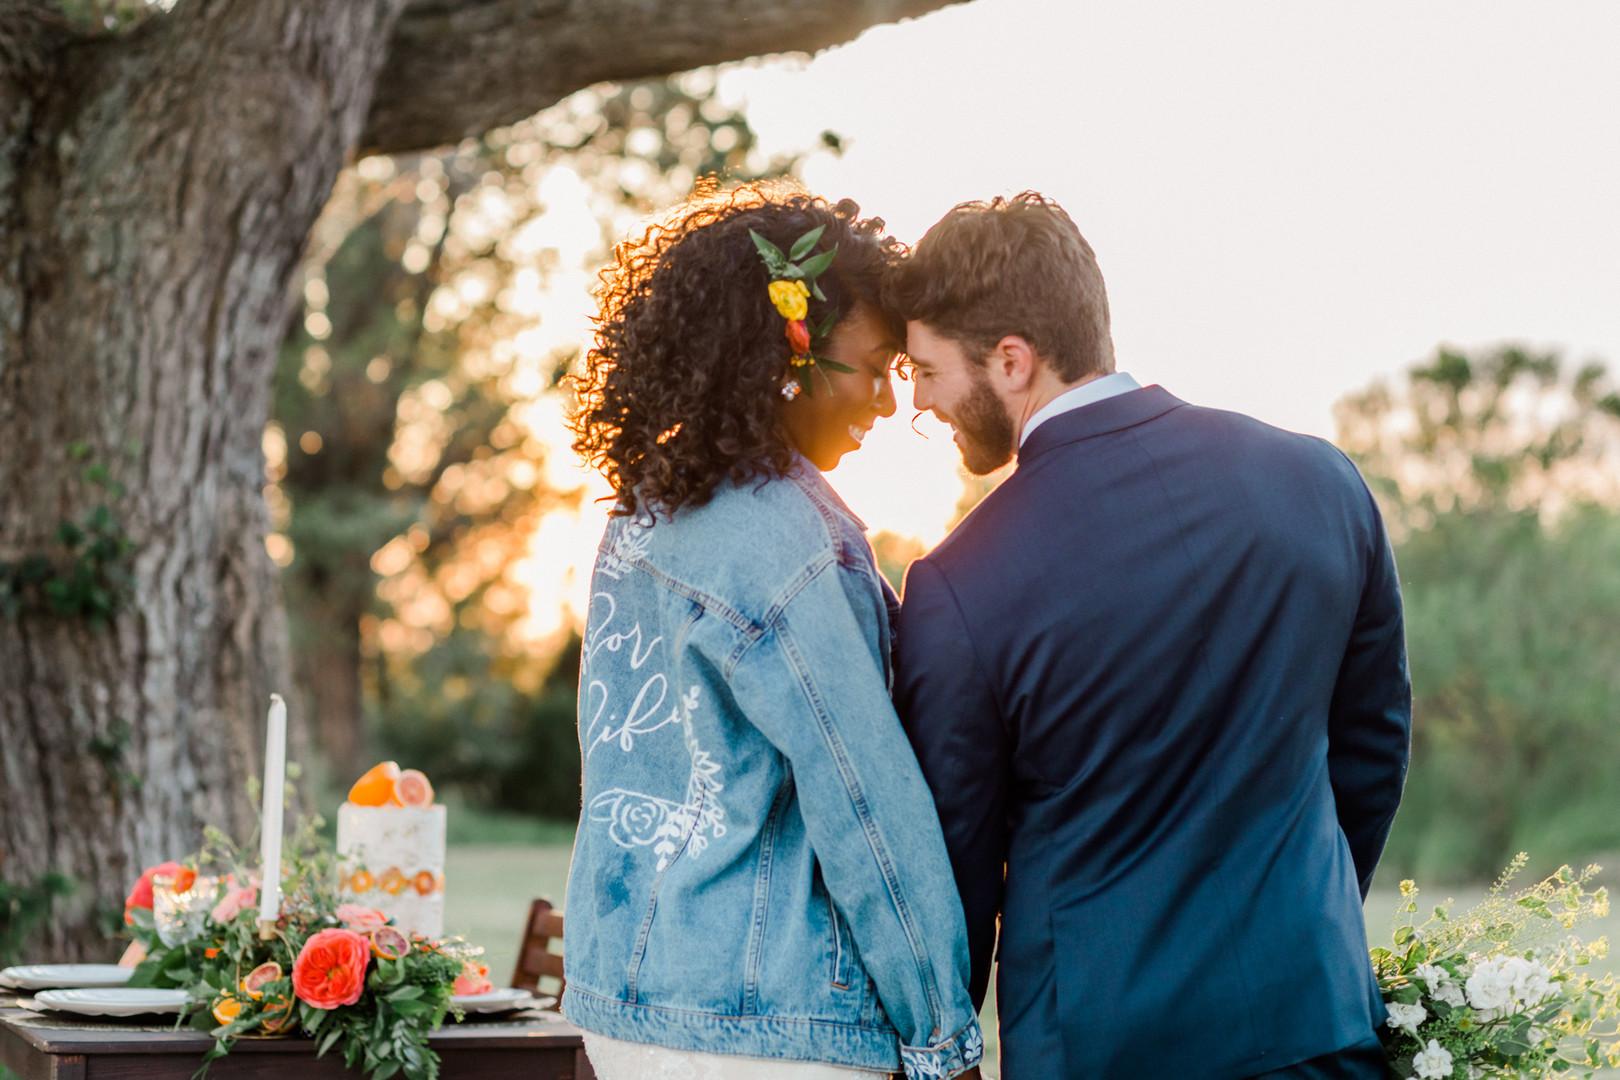 sunset wedding image